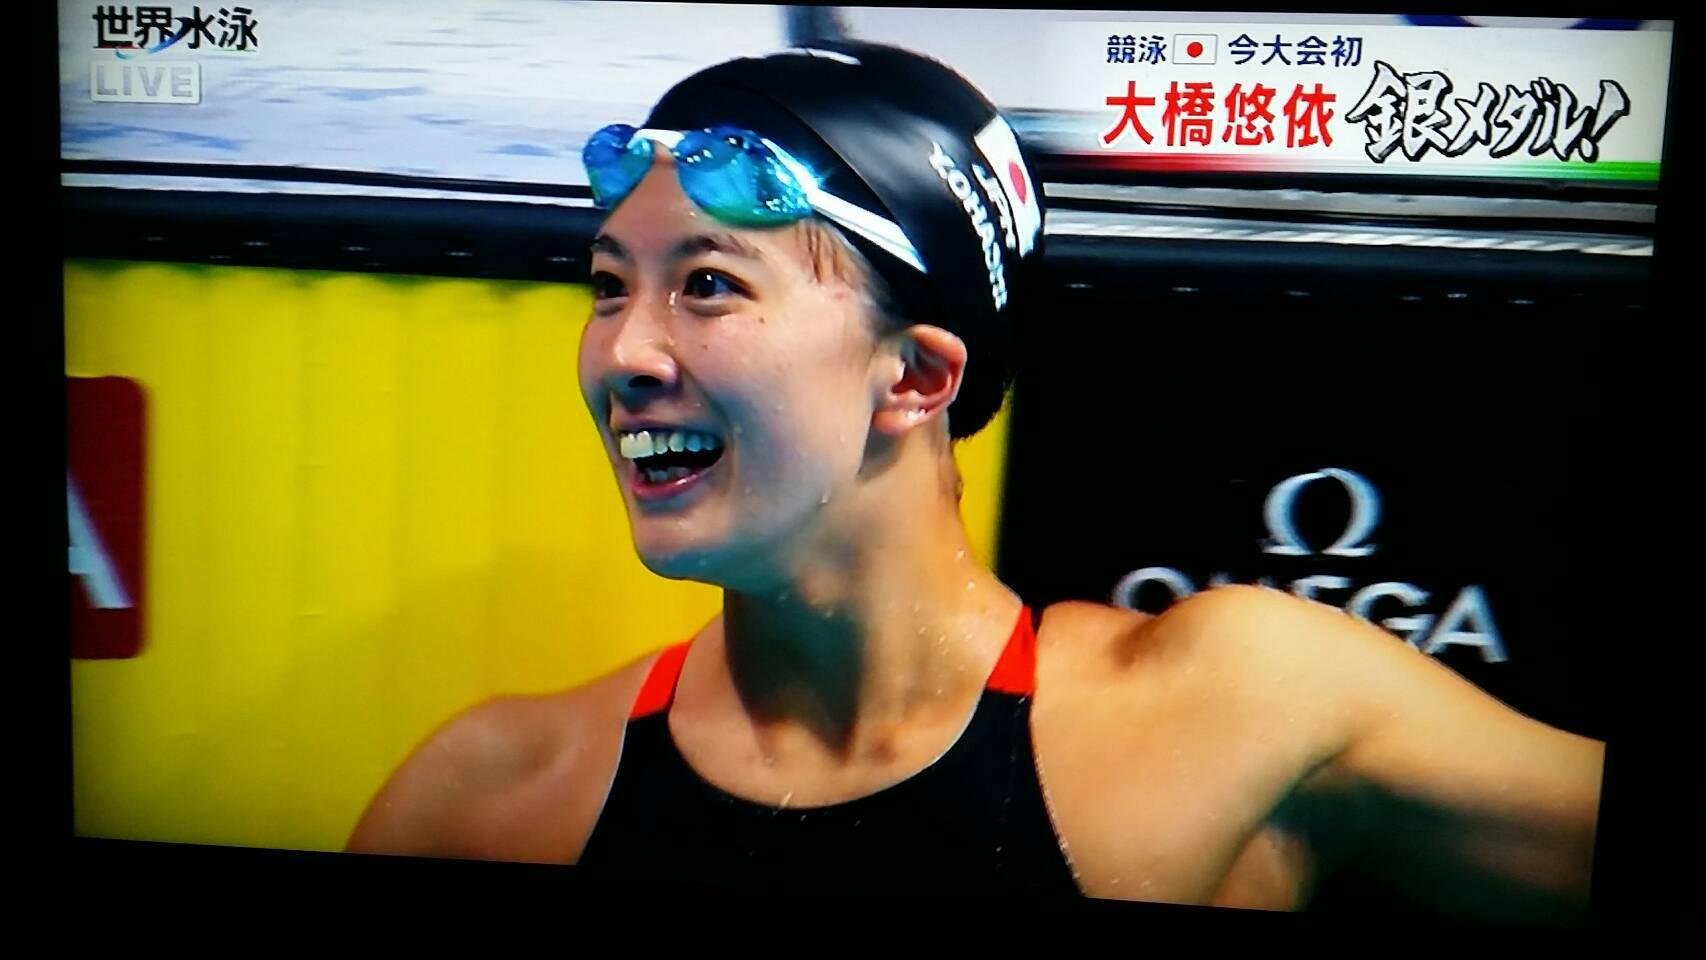 大橋悠依 最初のバタフライを3位で入ると、背泳ぎで2位に上がり、平泳ぎ、自由形でも順位をキープして日本勢初のメダルに輝きました。